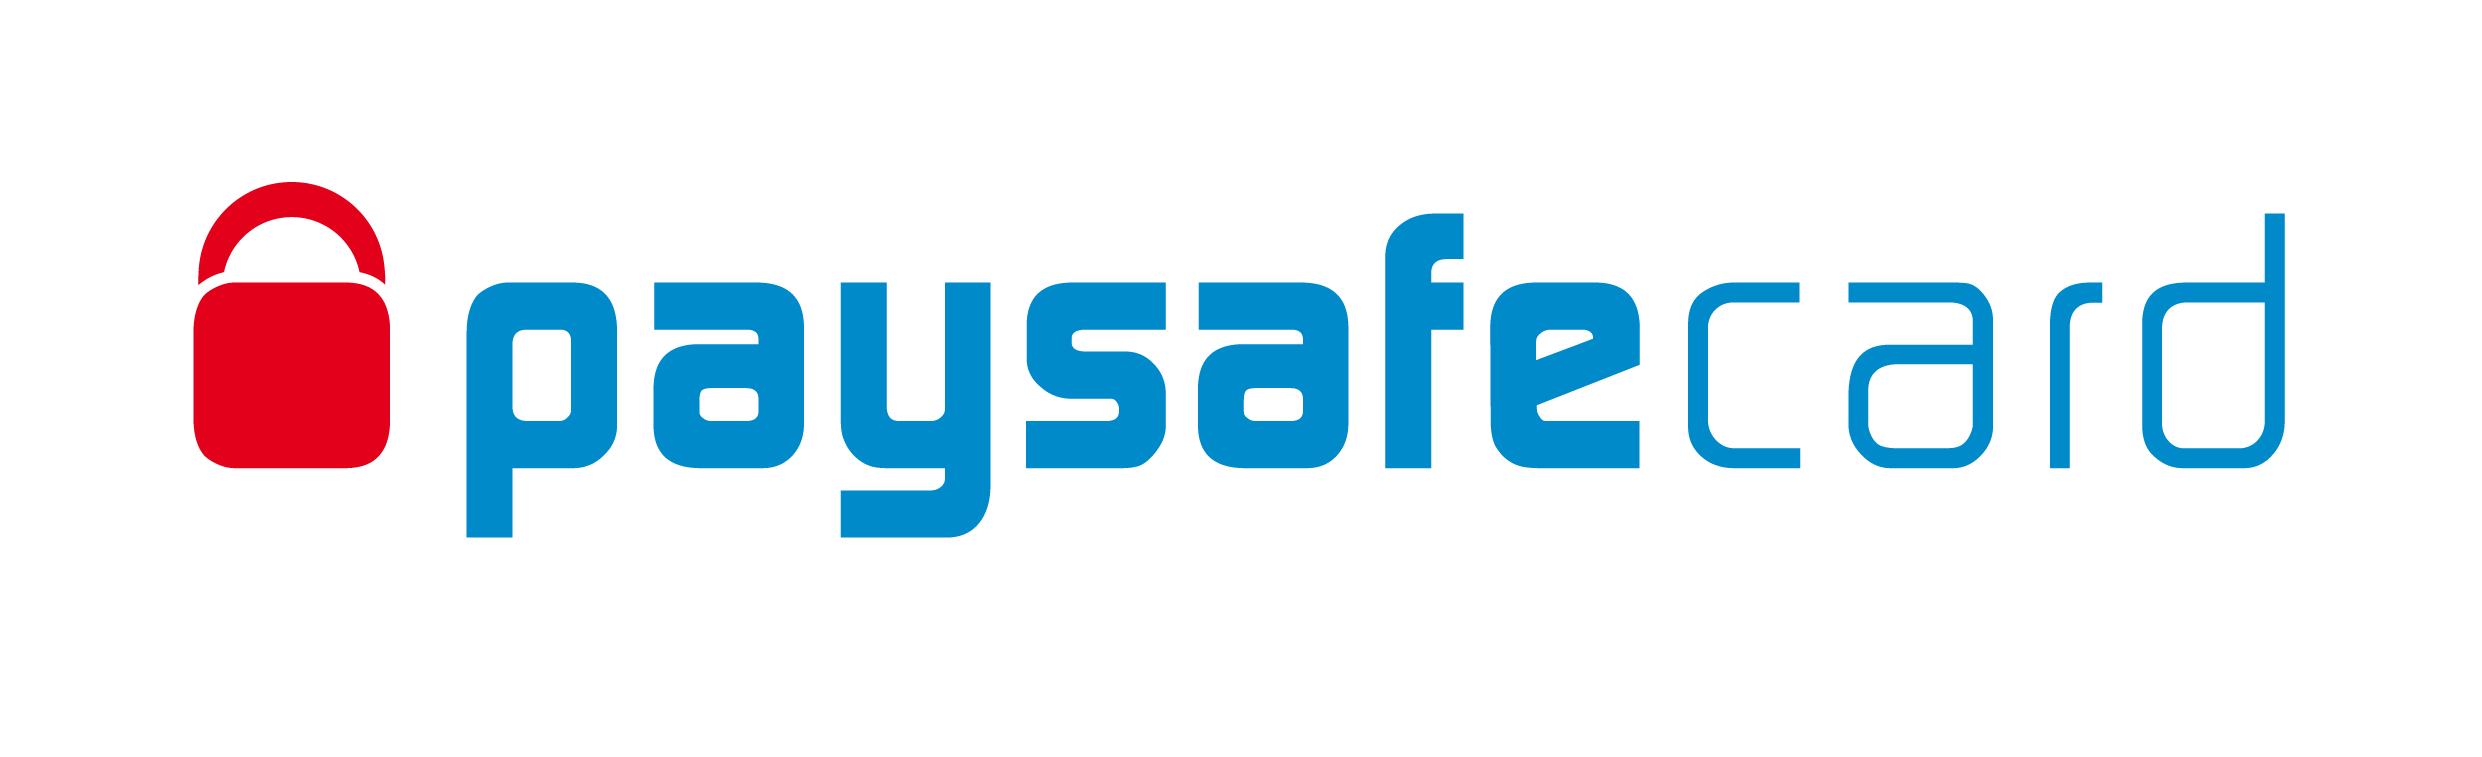 paysafecard-logo.png